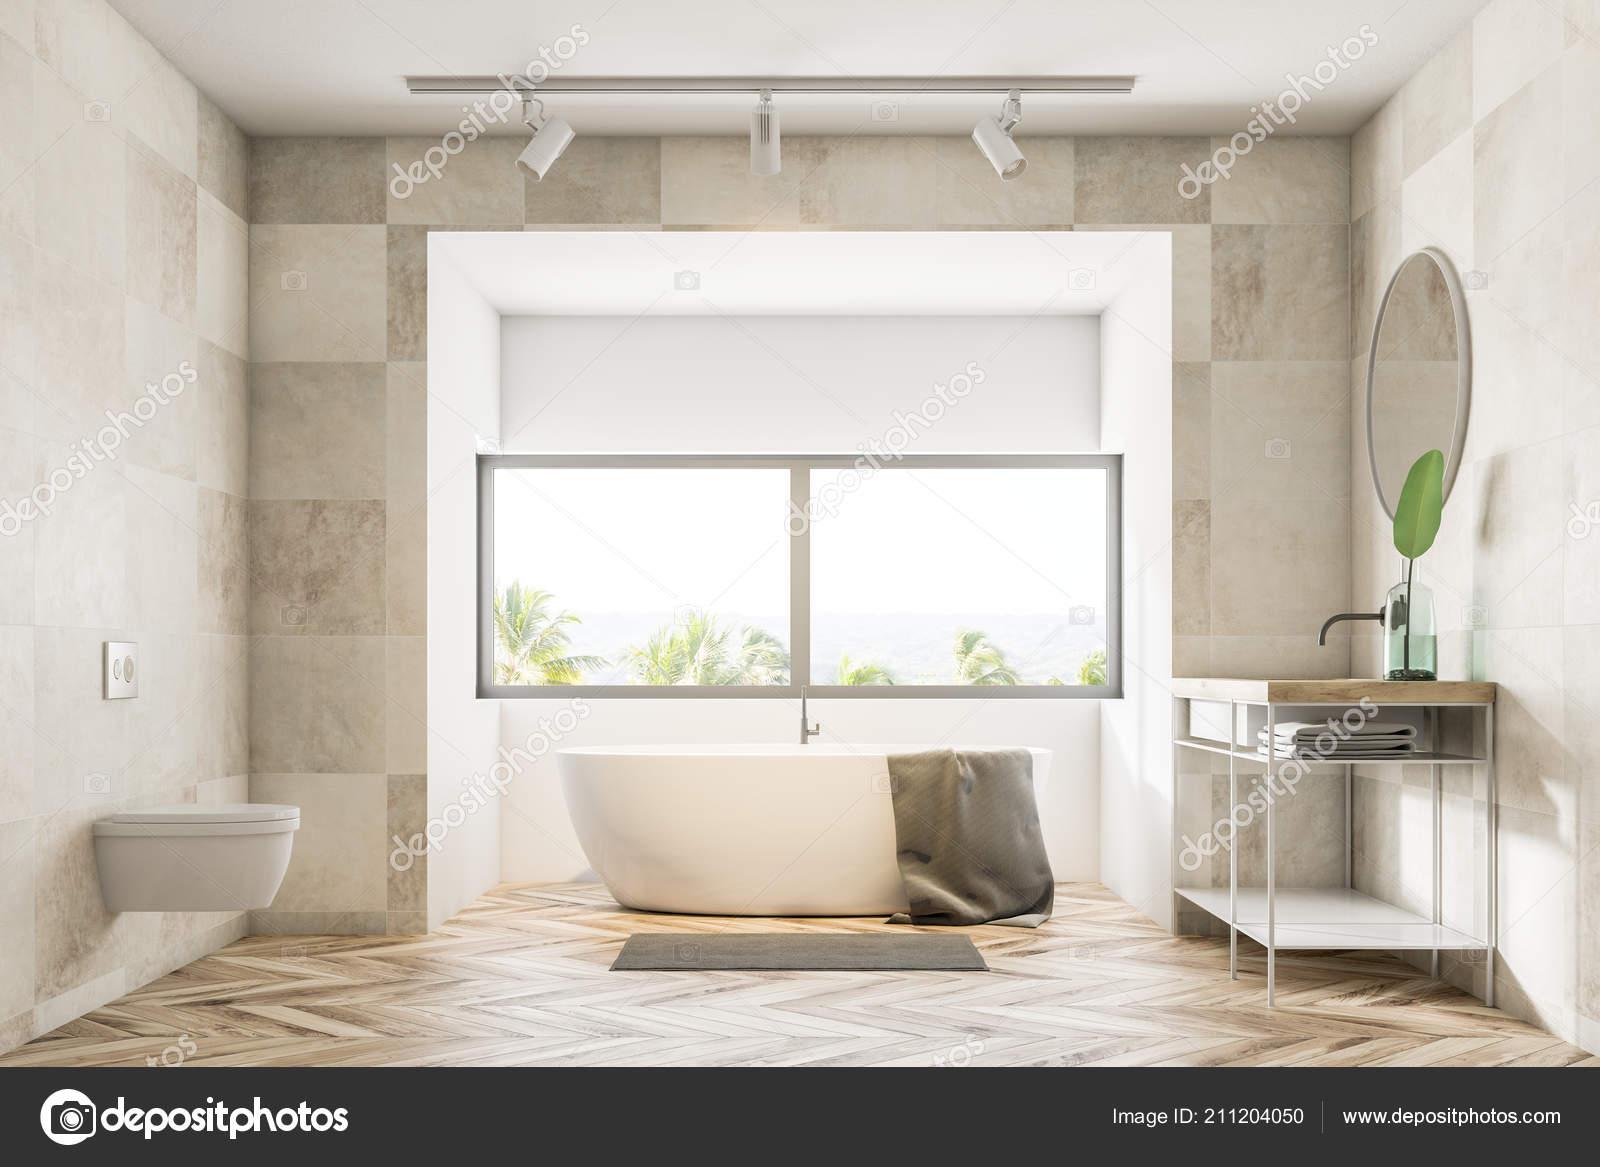 Badezimmer Einrichtung Mit Beige Fliesen Wande Holzfussboden Eine